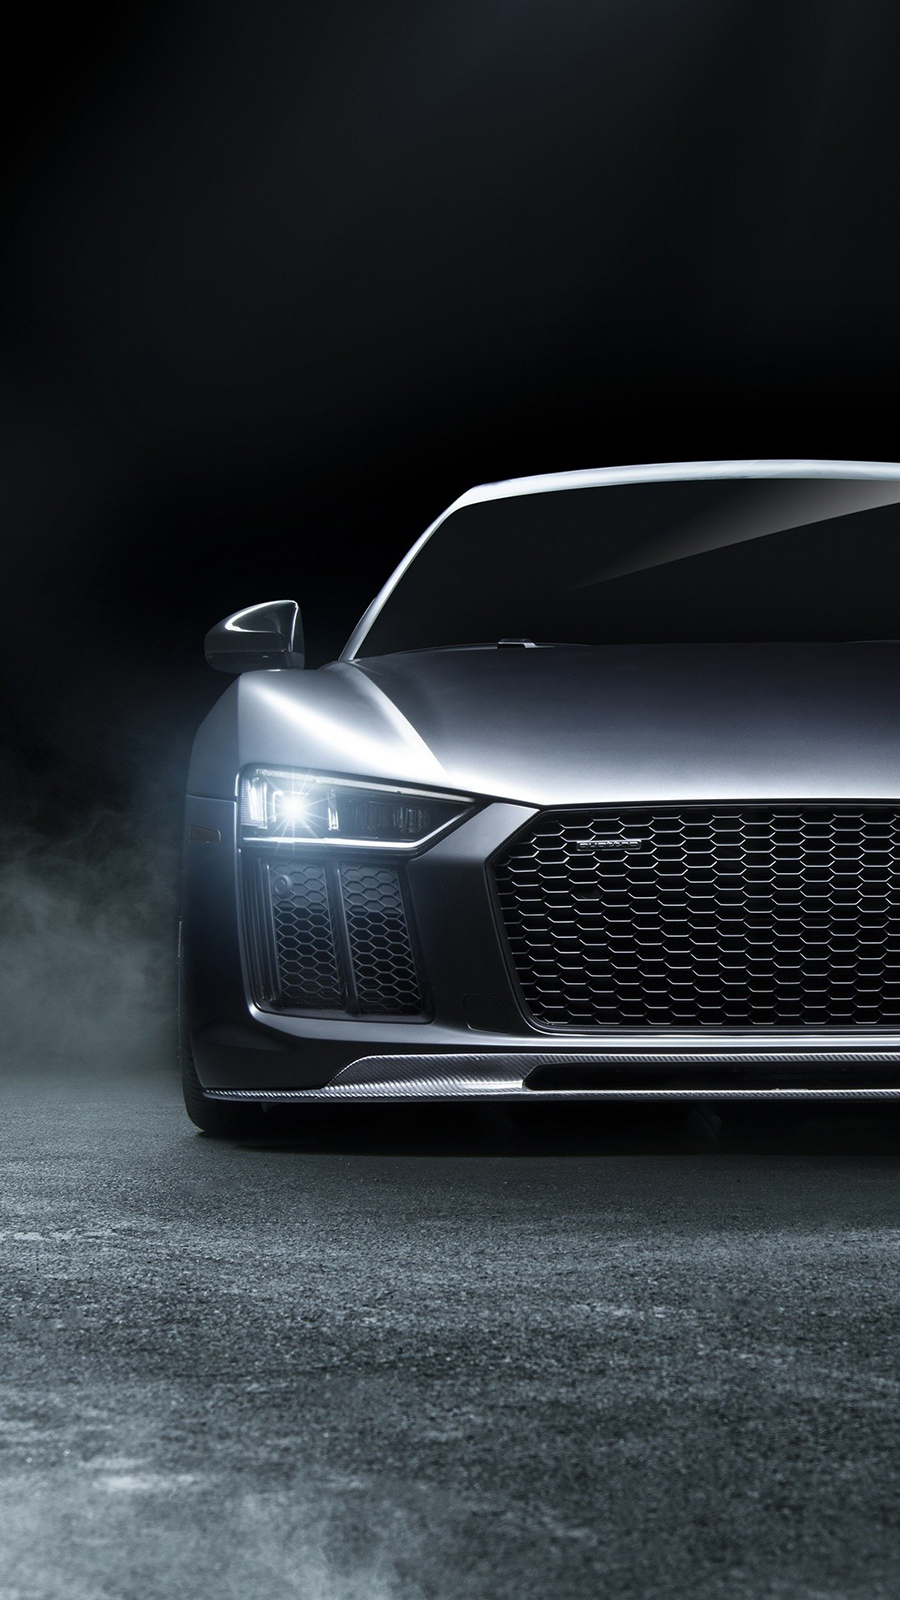 Audi R8 2017 Wallpaper